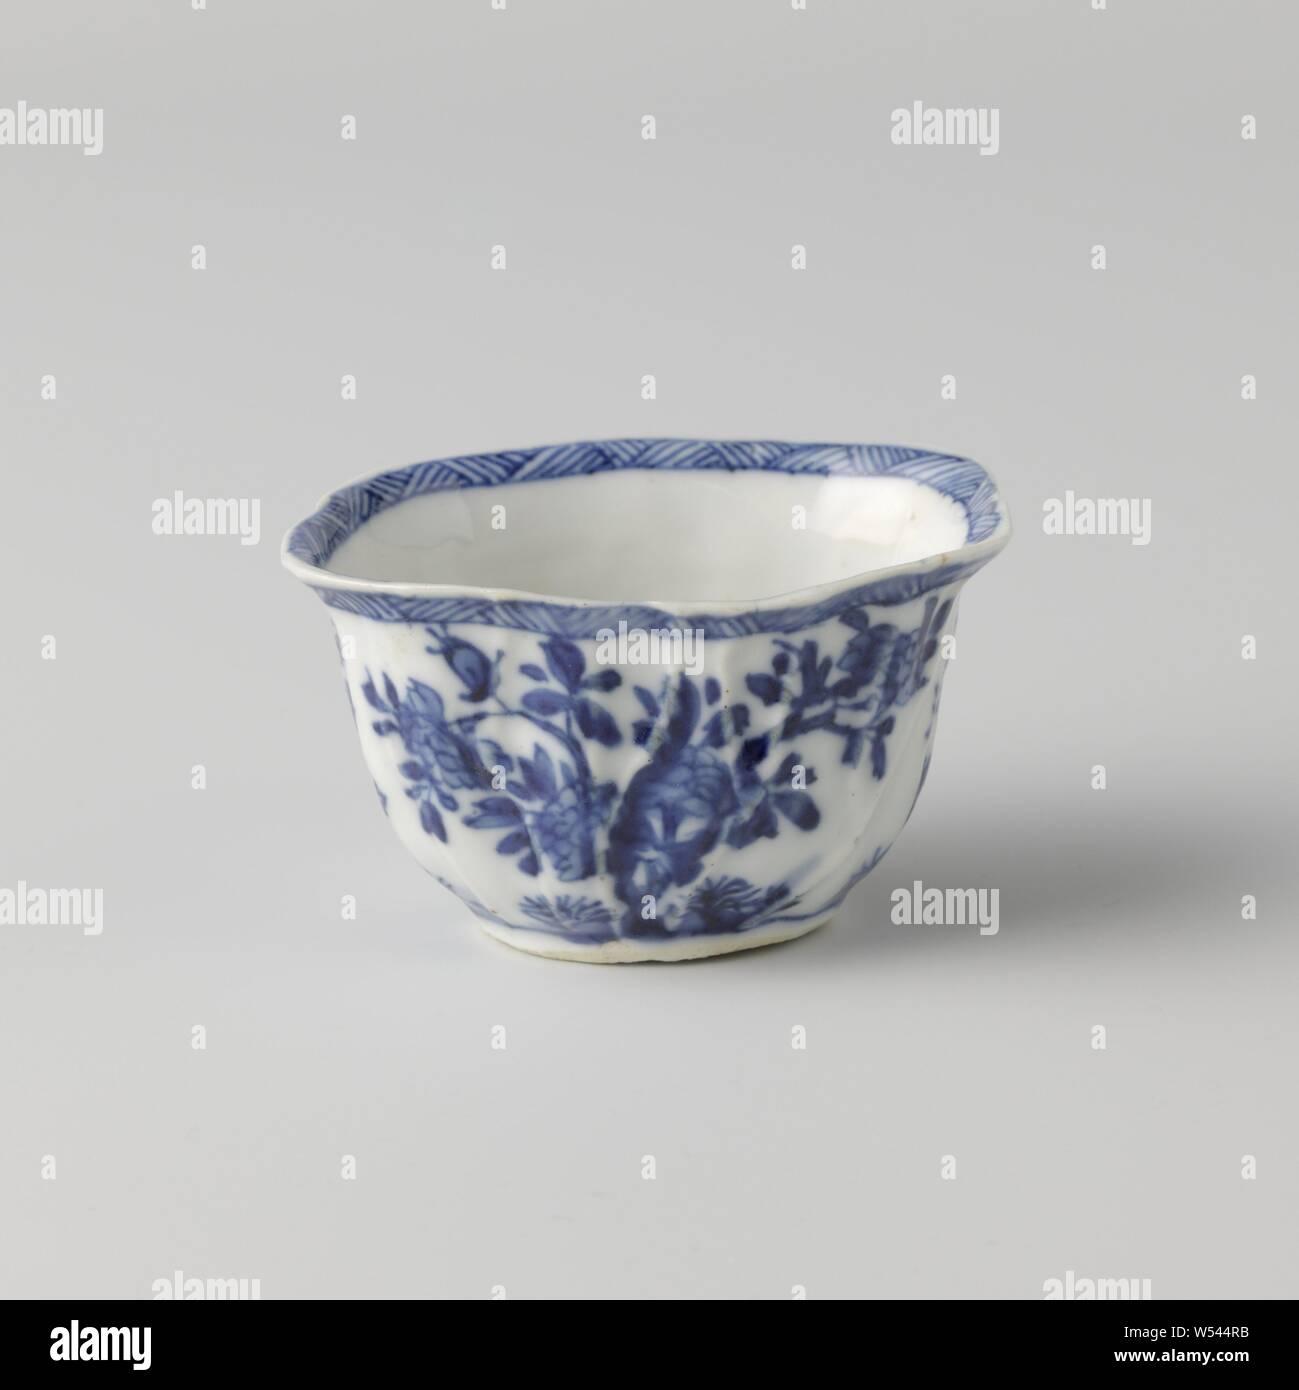 """Platillo en forma de una hoja, el platillo de porcelana, el platillo en la forma de una hoja, pintado de azul underglaze. El plato está dividido con una caja decoración por los """"ins"""" de la hoja, llena de diversas plantas en floración en una roca. Marcados en la parte inferior del plato con un lotus. Azul Blanco., anónimos, China, c. 1750 - c. 1774, la dinastía Qing (1644-1912) / Periodo Qianlong (1736-1795), de porcelana (material), esmalte, cobalto (mineral), la vitrificación, h 2,2 cm l 13 cm × w 9 cm l 9 cm × W 6,2 cm Foto de stock"""